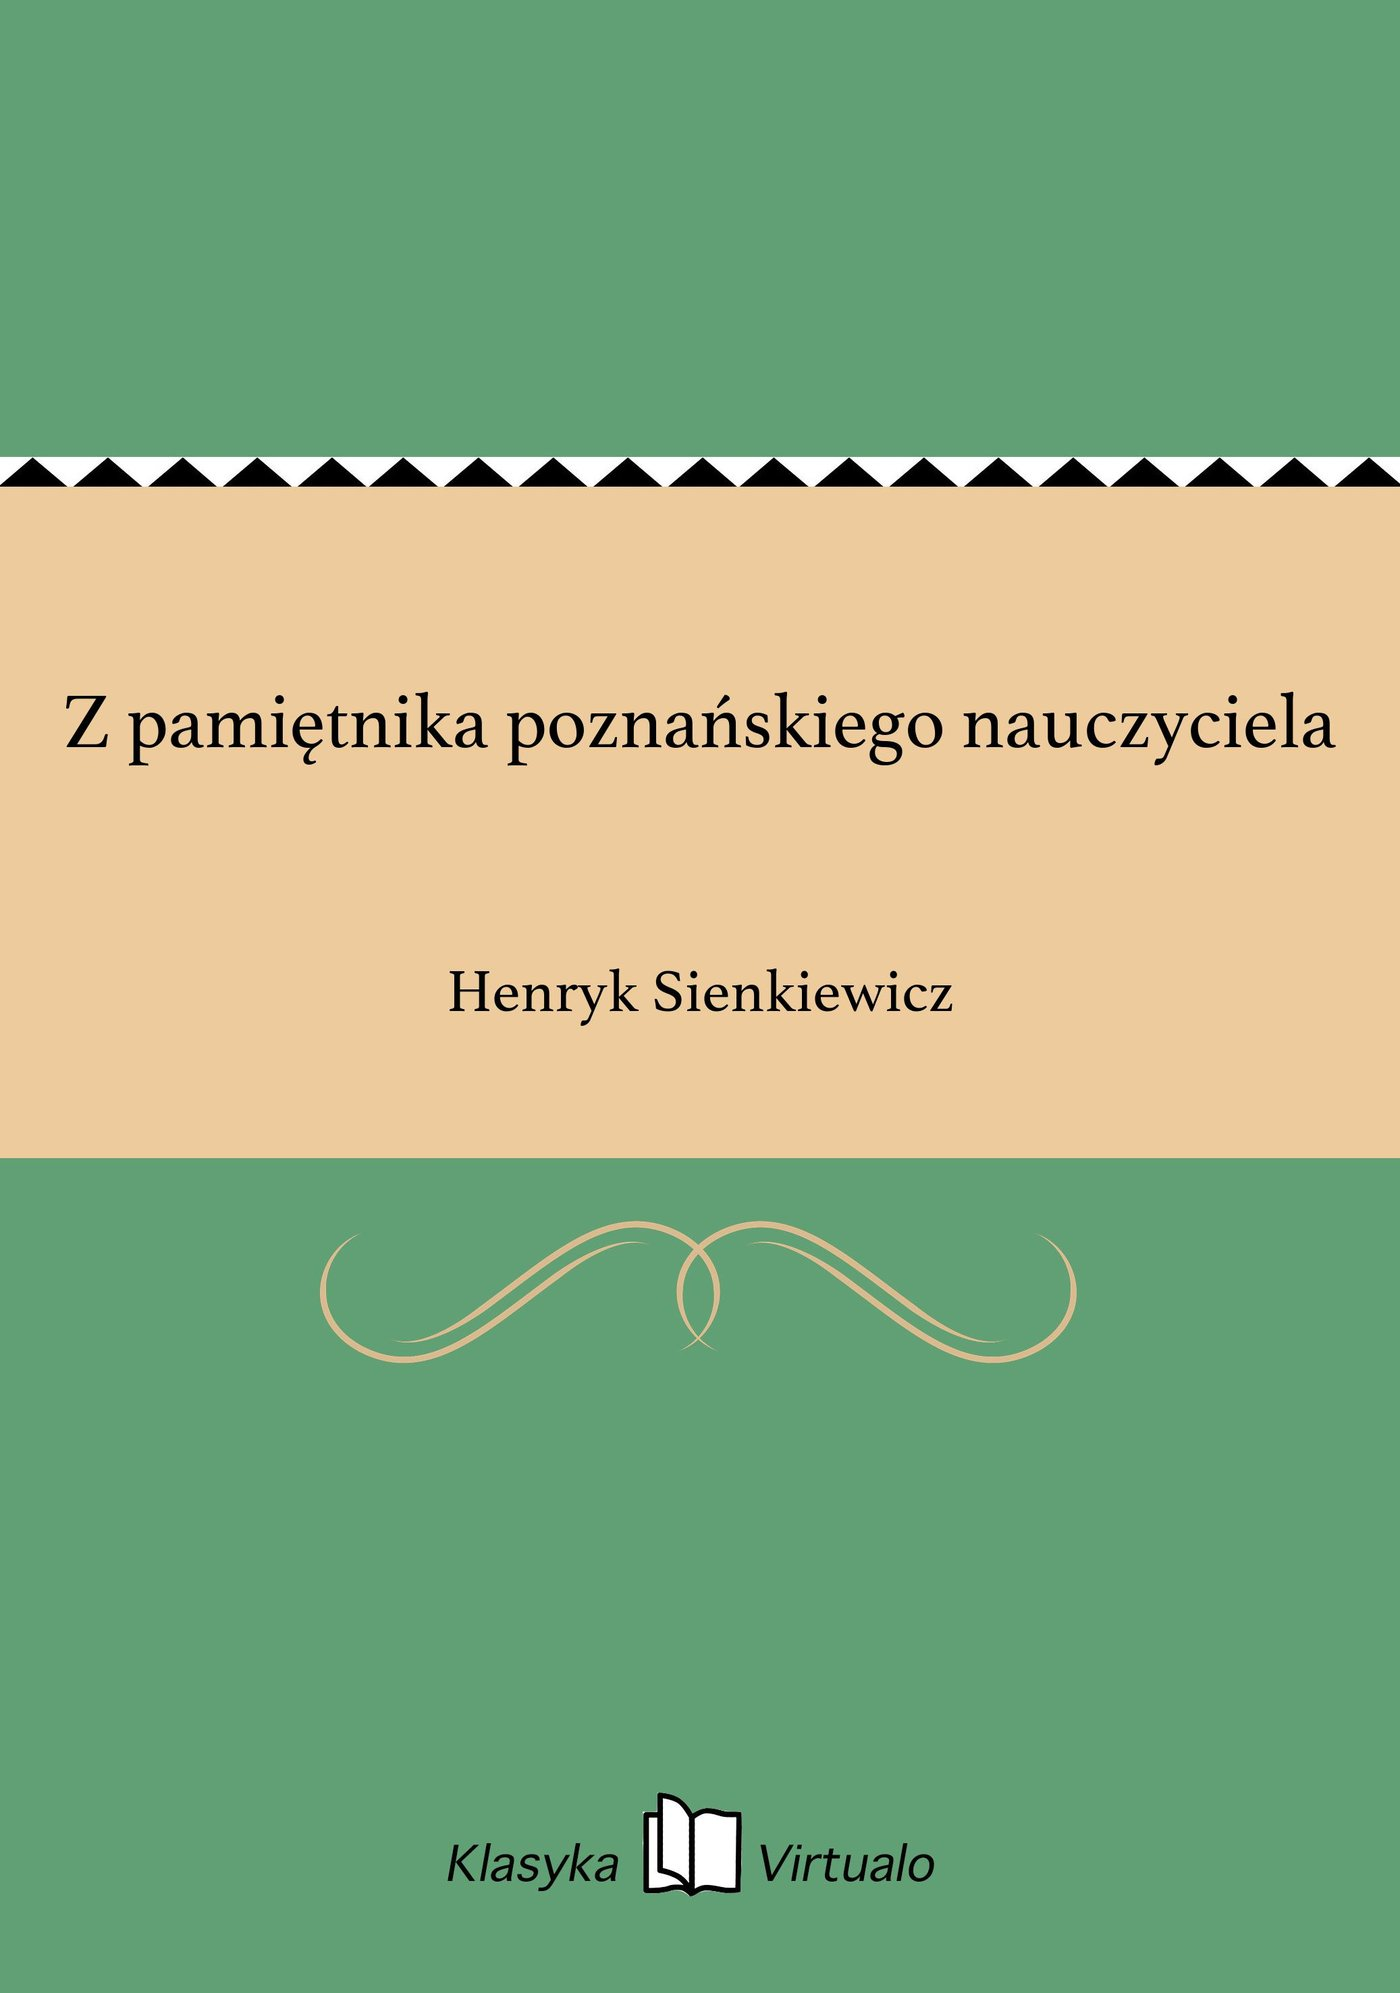 Z pamiętnika poznańskiego nauczyciela - Ebook (Książka EPUB) do pobrania w formacie EPUB